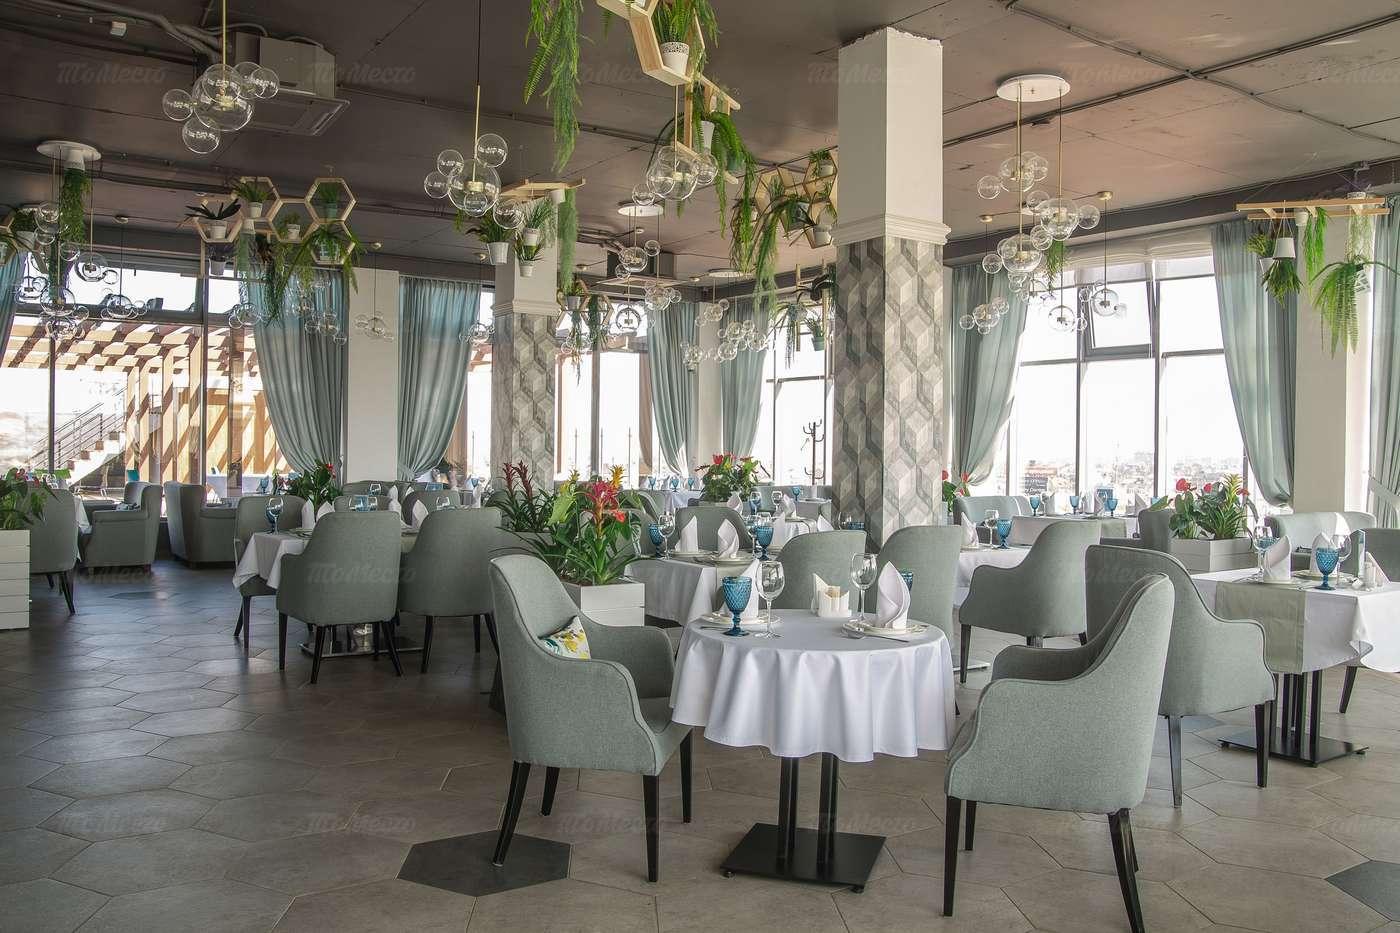 Ресторан Небо на улице им. Александра Покрышкина фото 7